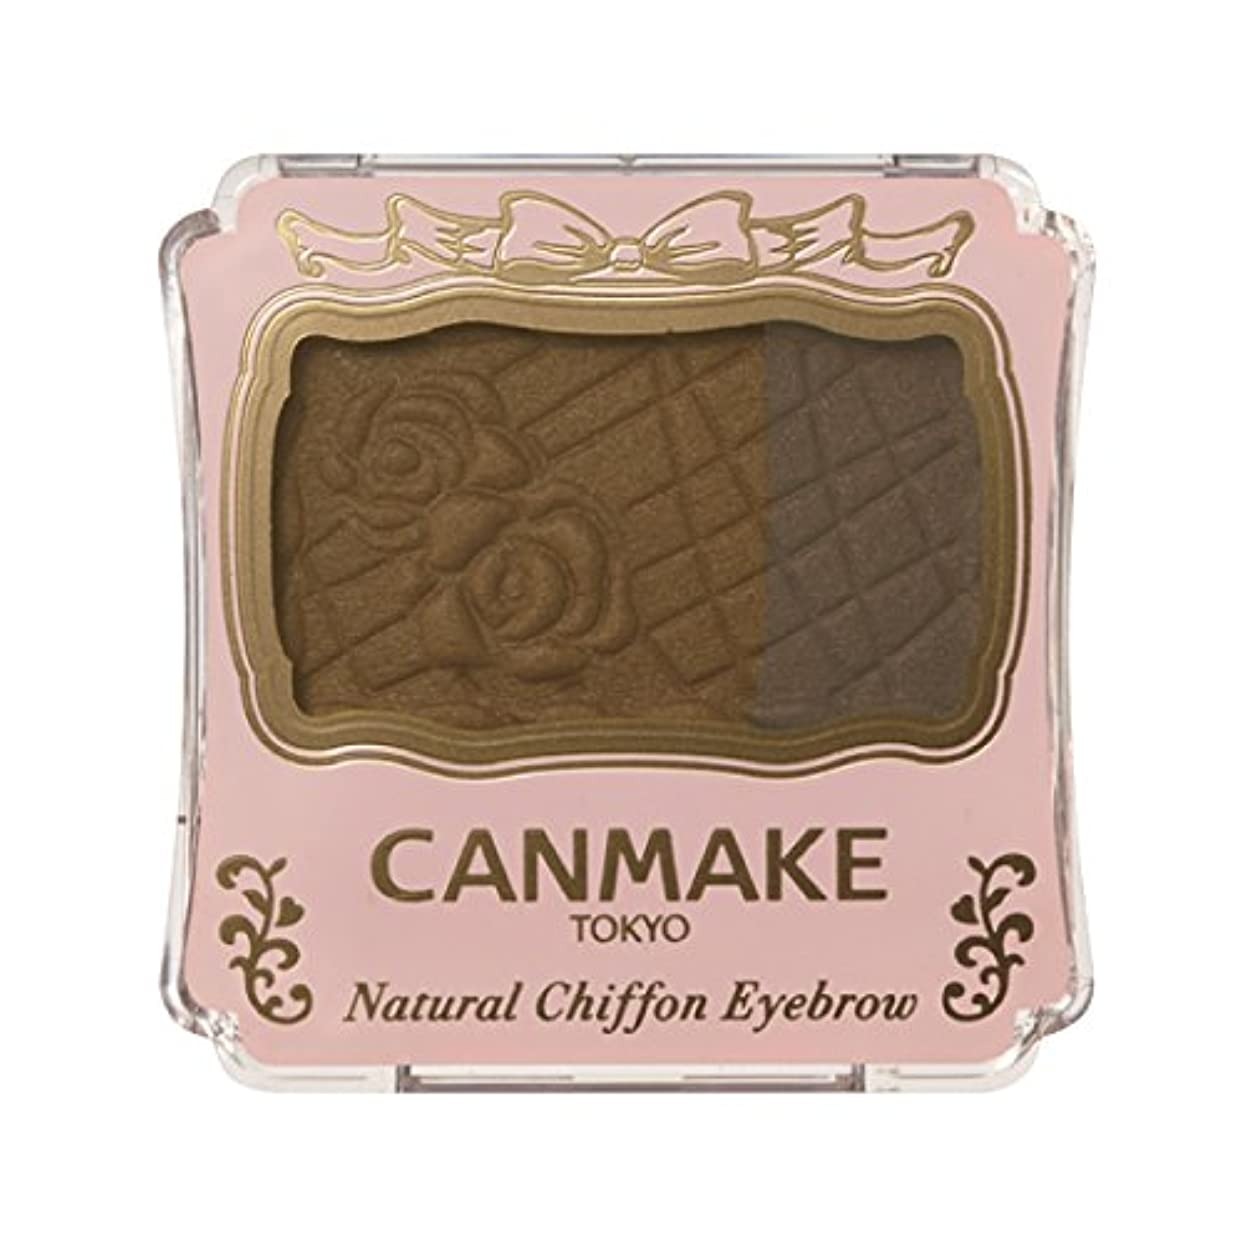 作成する法律添加剤キャンメイク ナチュラルシフォンアイブロウ N03 シナモンクッキー 3.9g